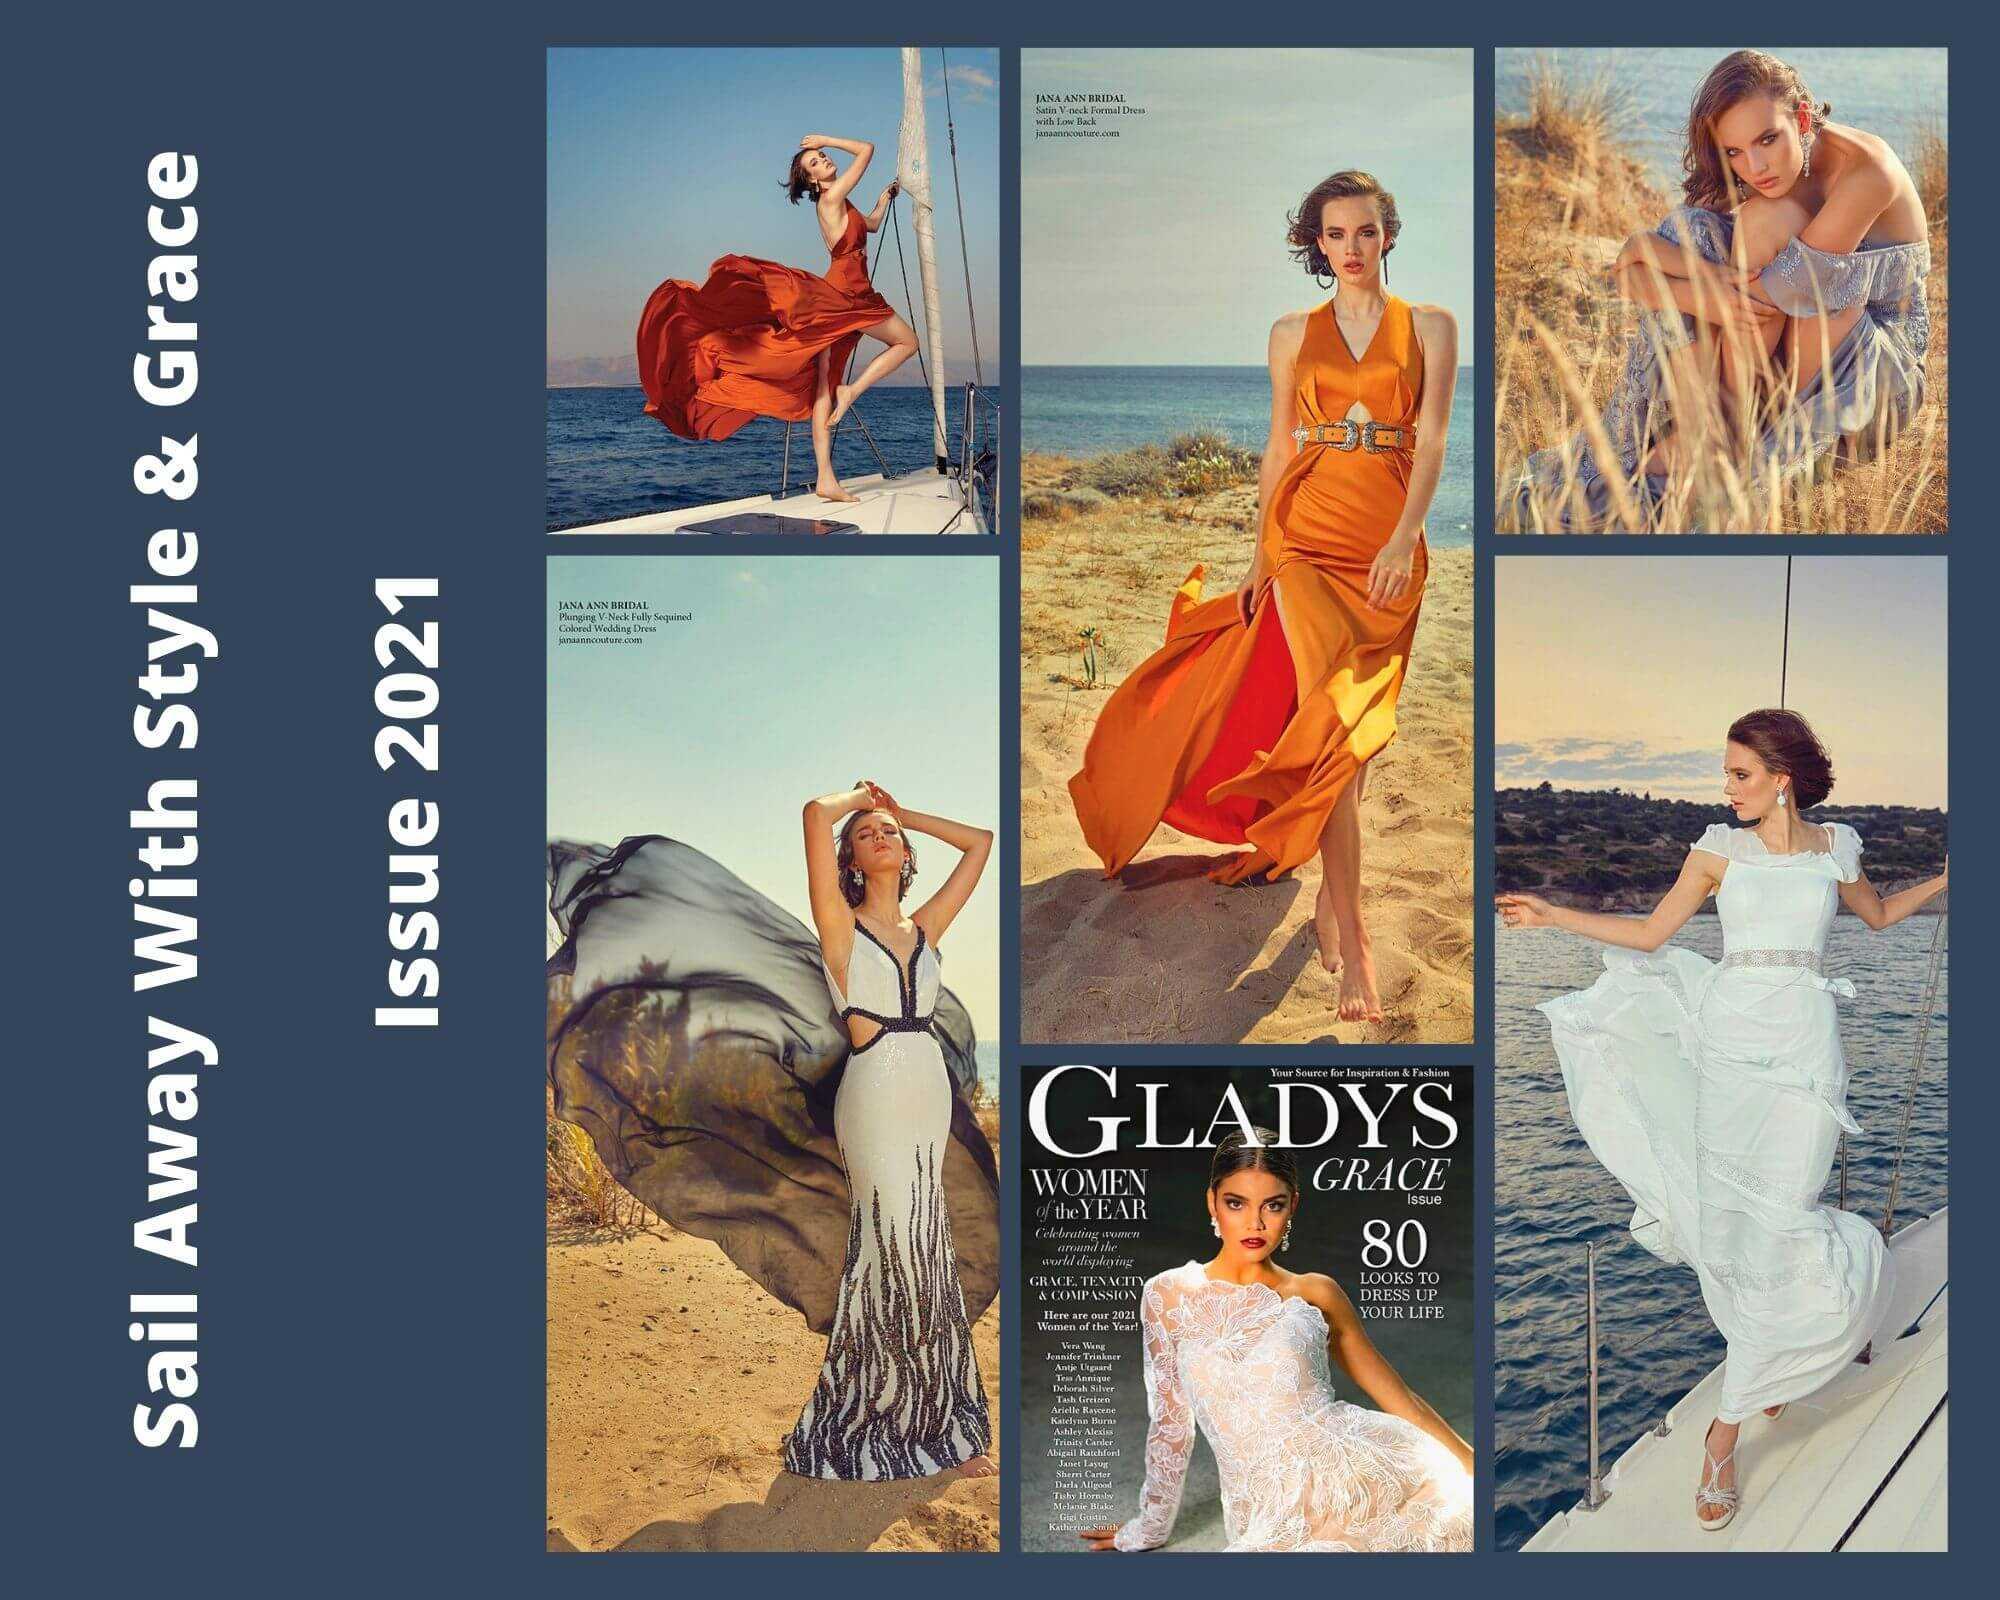 Gladys Grace